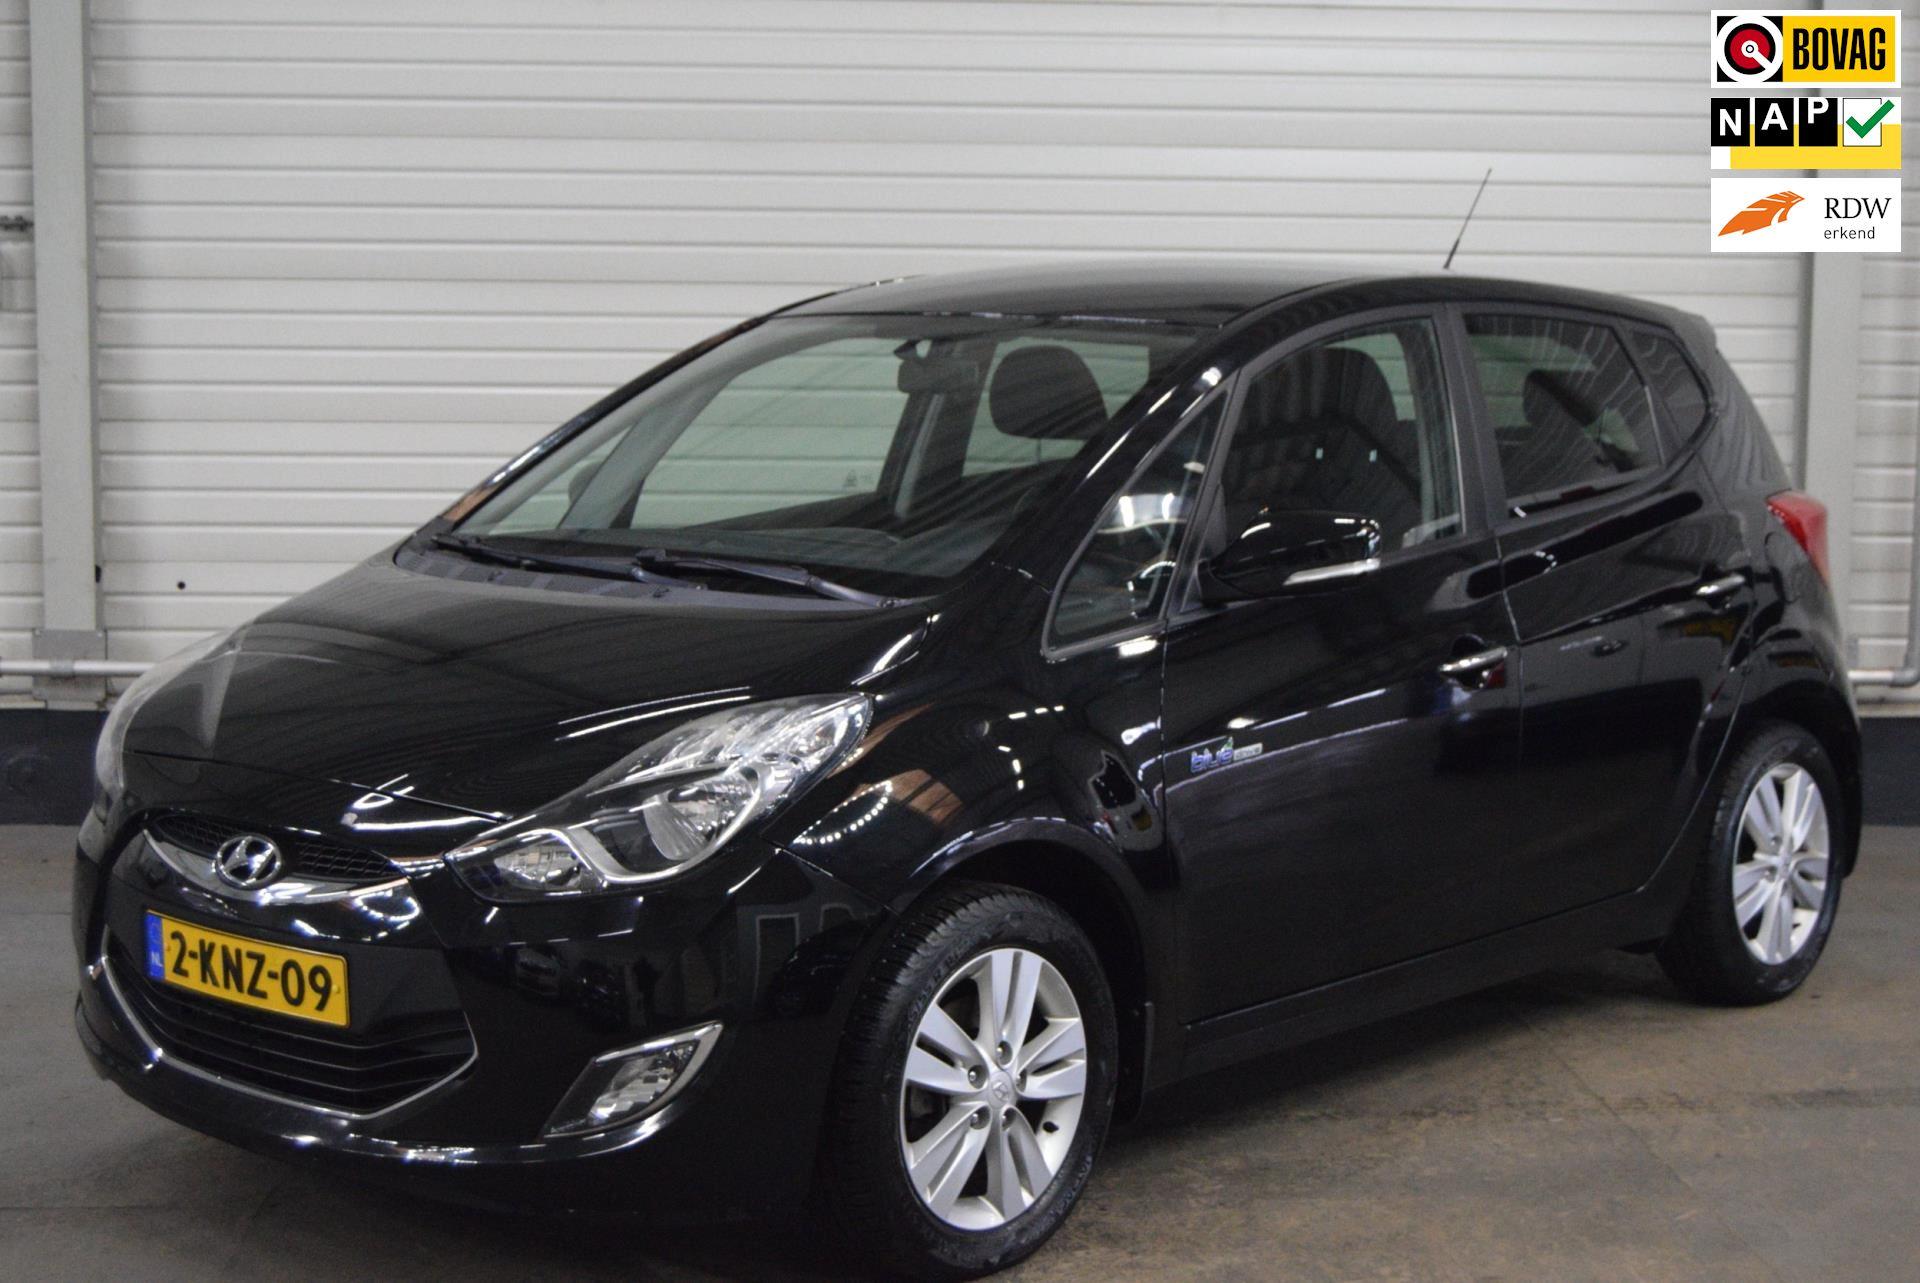 Hyundai Ix20 occasion - Autobedrijf van de Werken bv